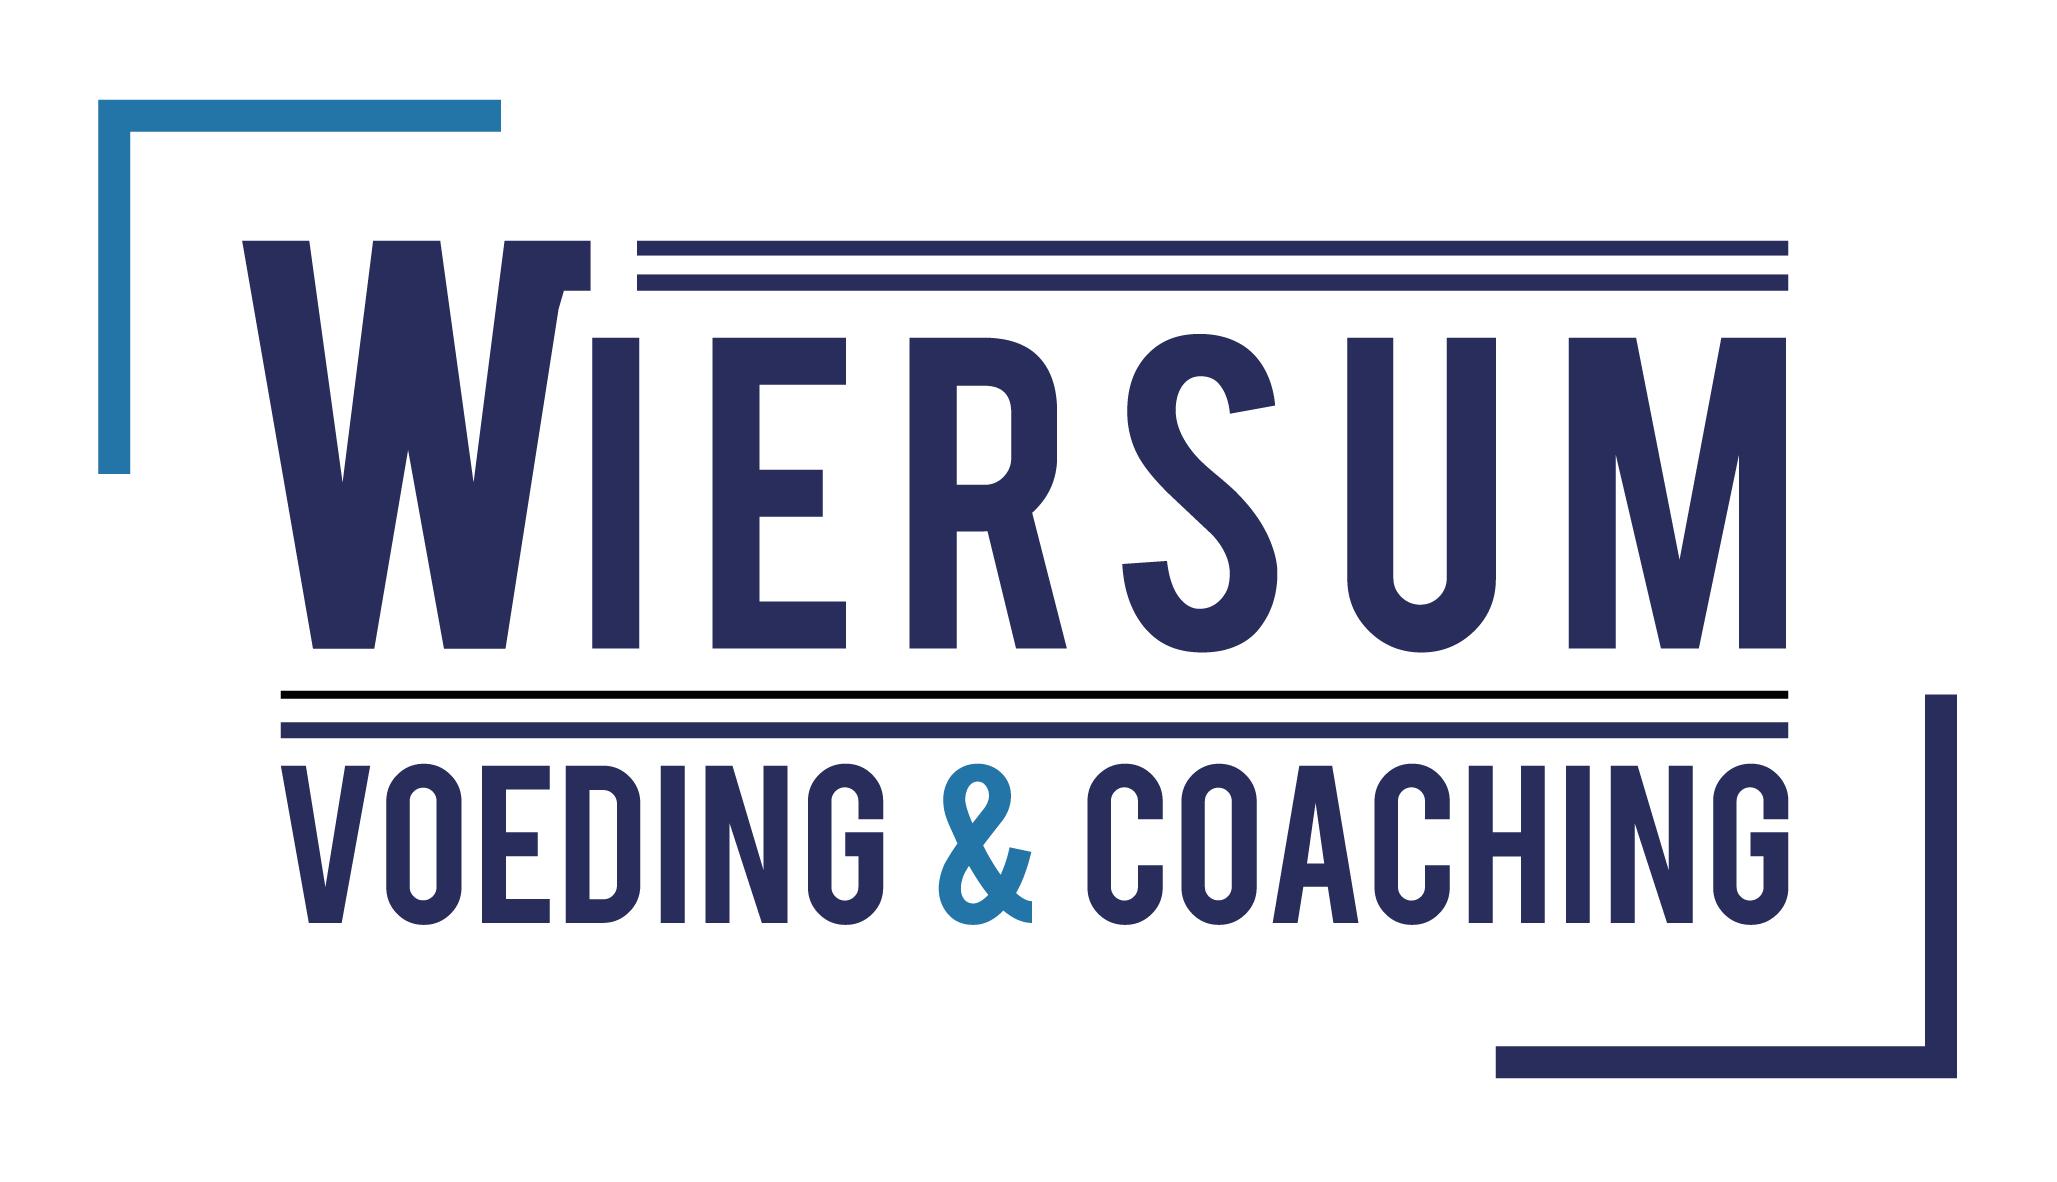 Wiersum voeding & coaching